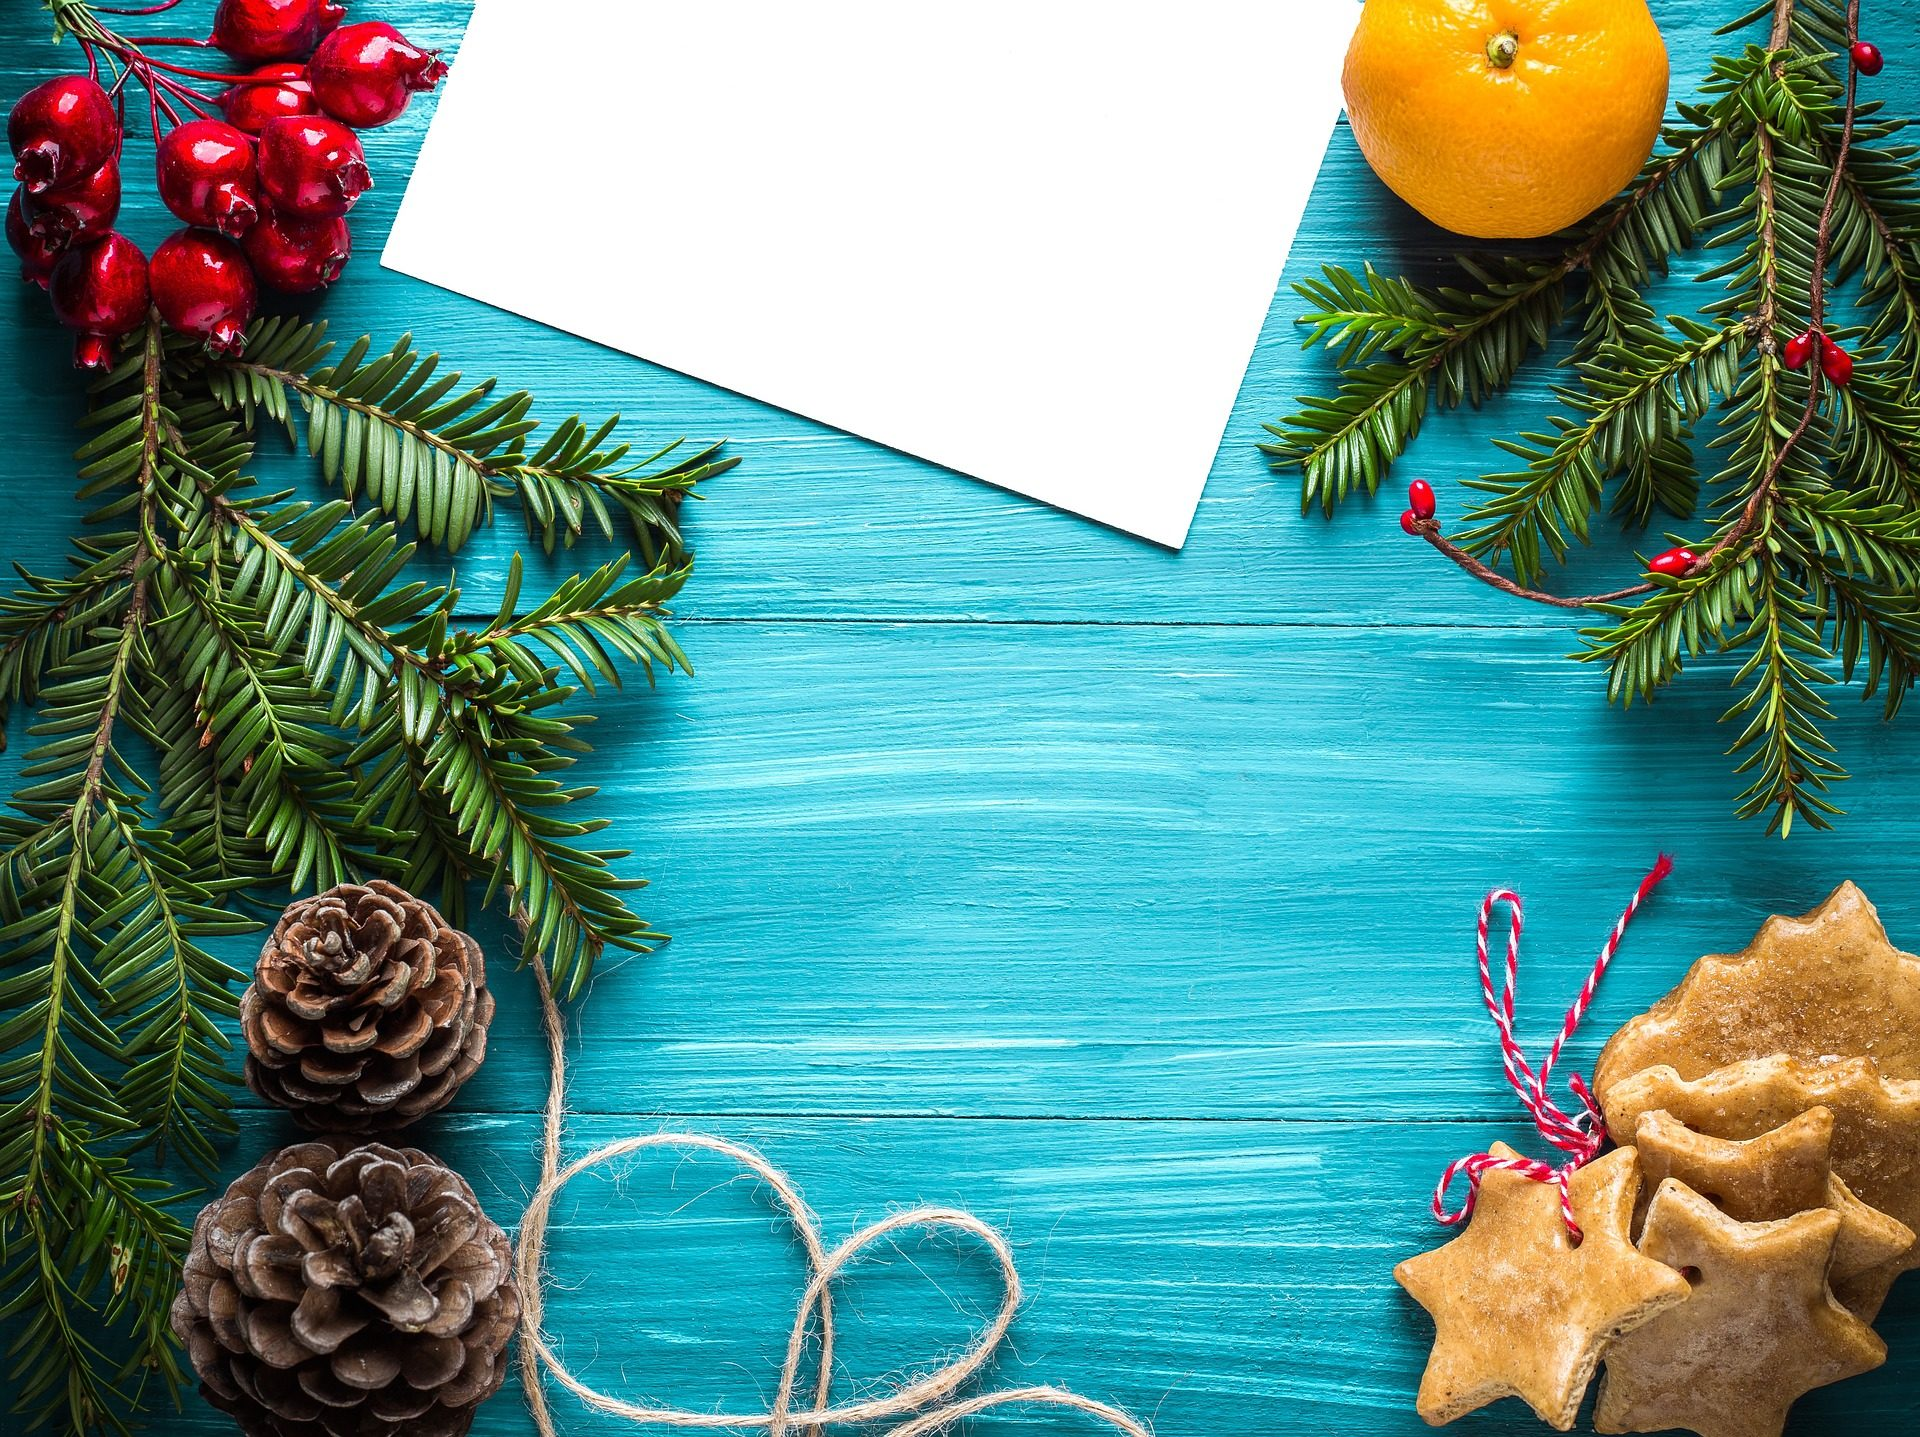 Χαιρετισμός, κάρτα, Ανανάς, τα cookies, Γκι, Χριστούγεννα, Μπλε - Wallpapers HD - Professor-falken.com